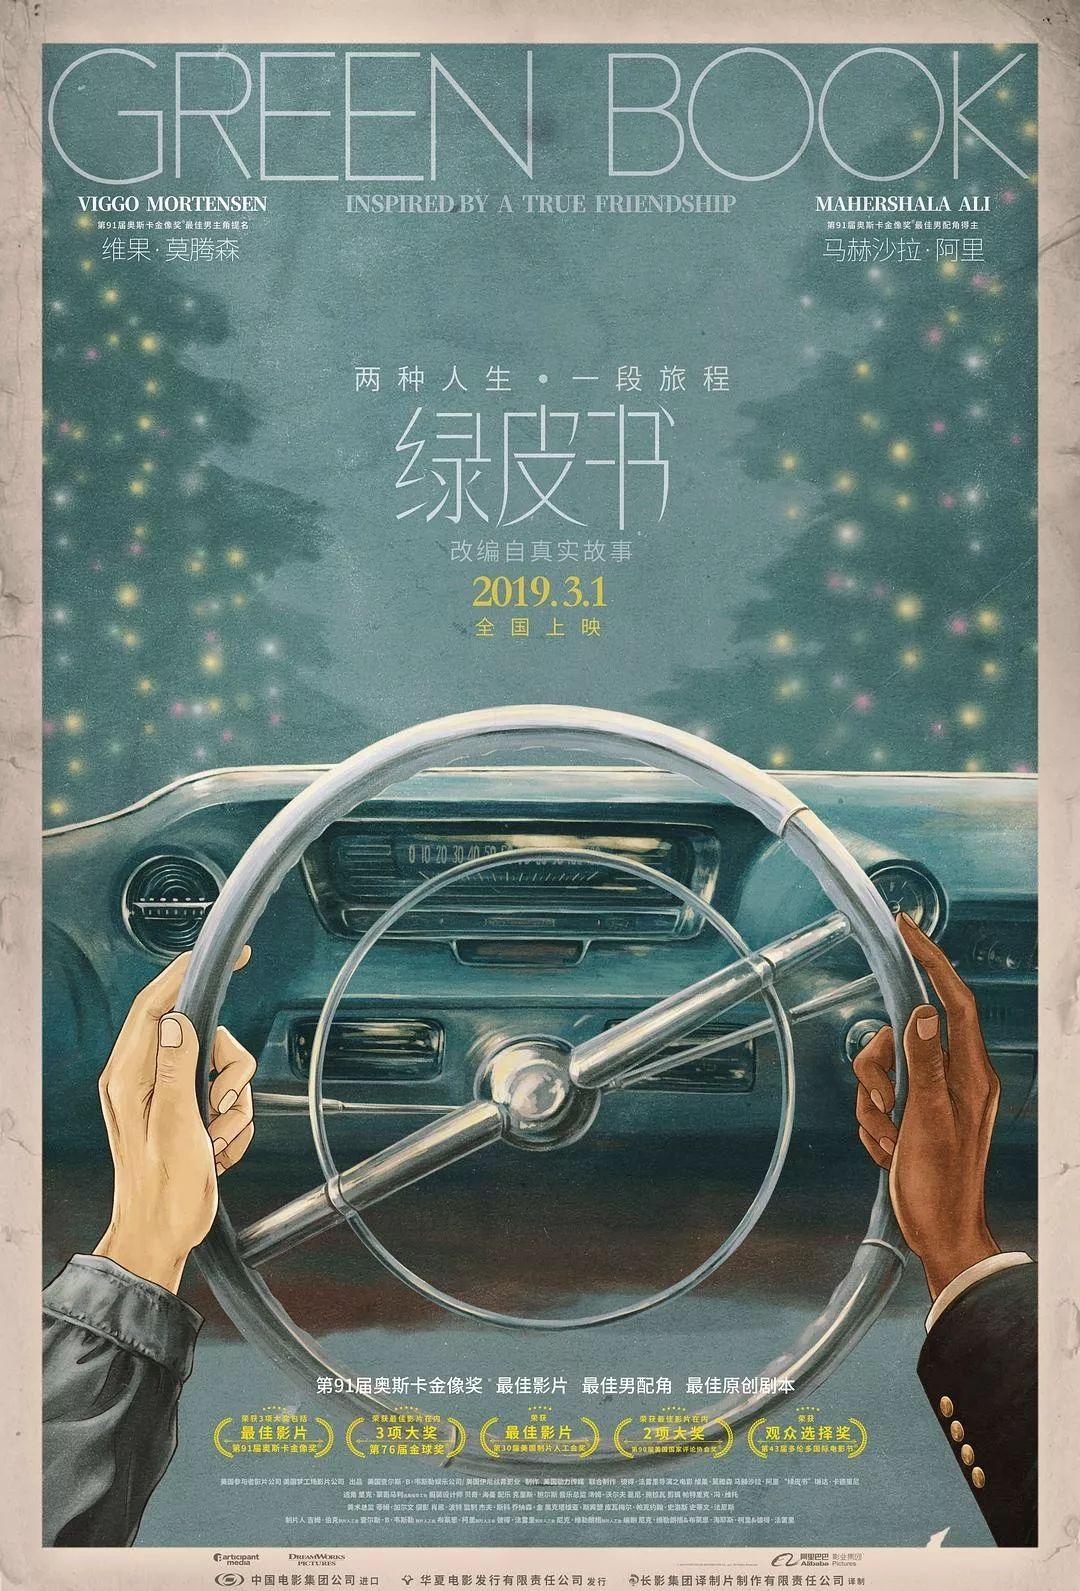 2018至2019和平海报